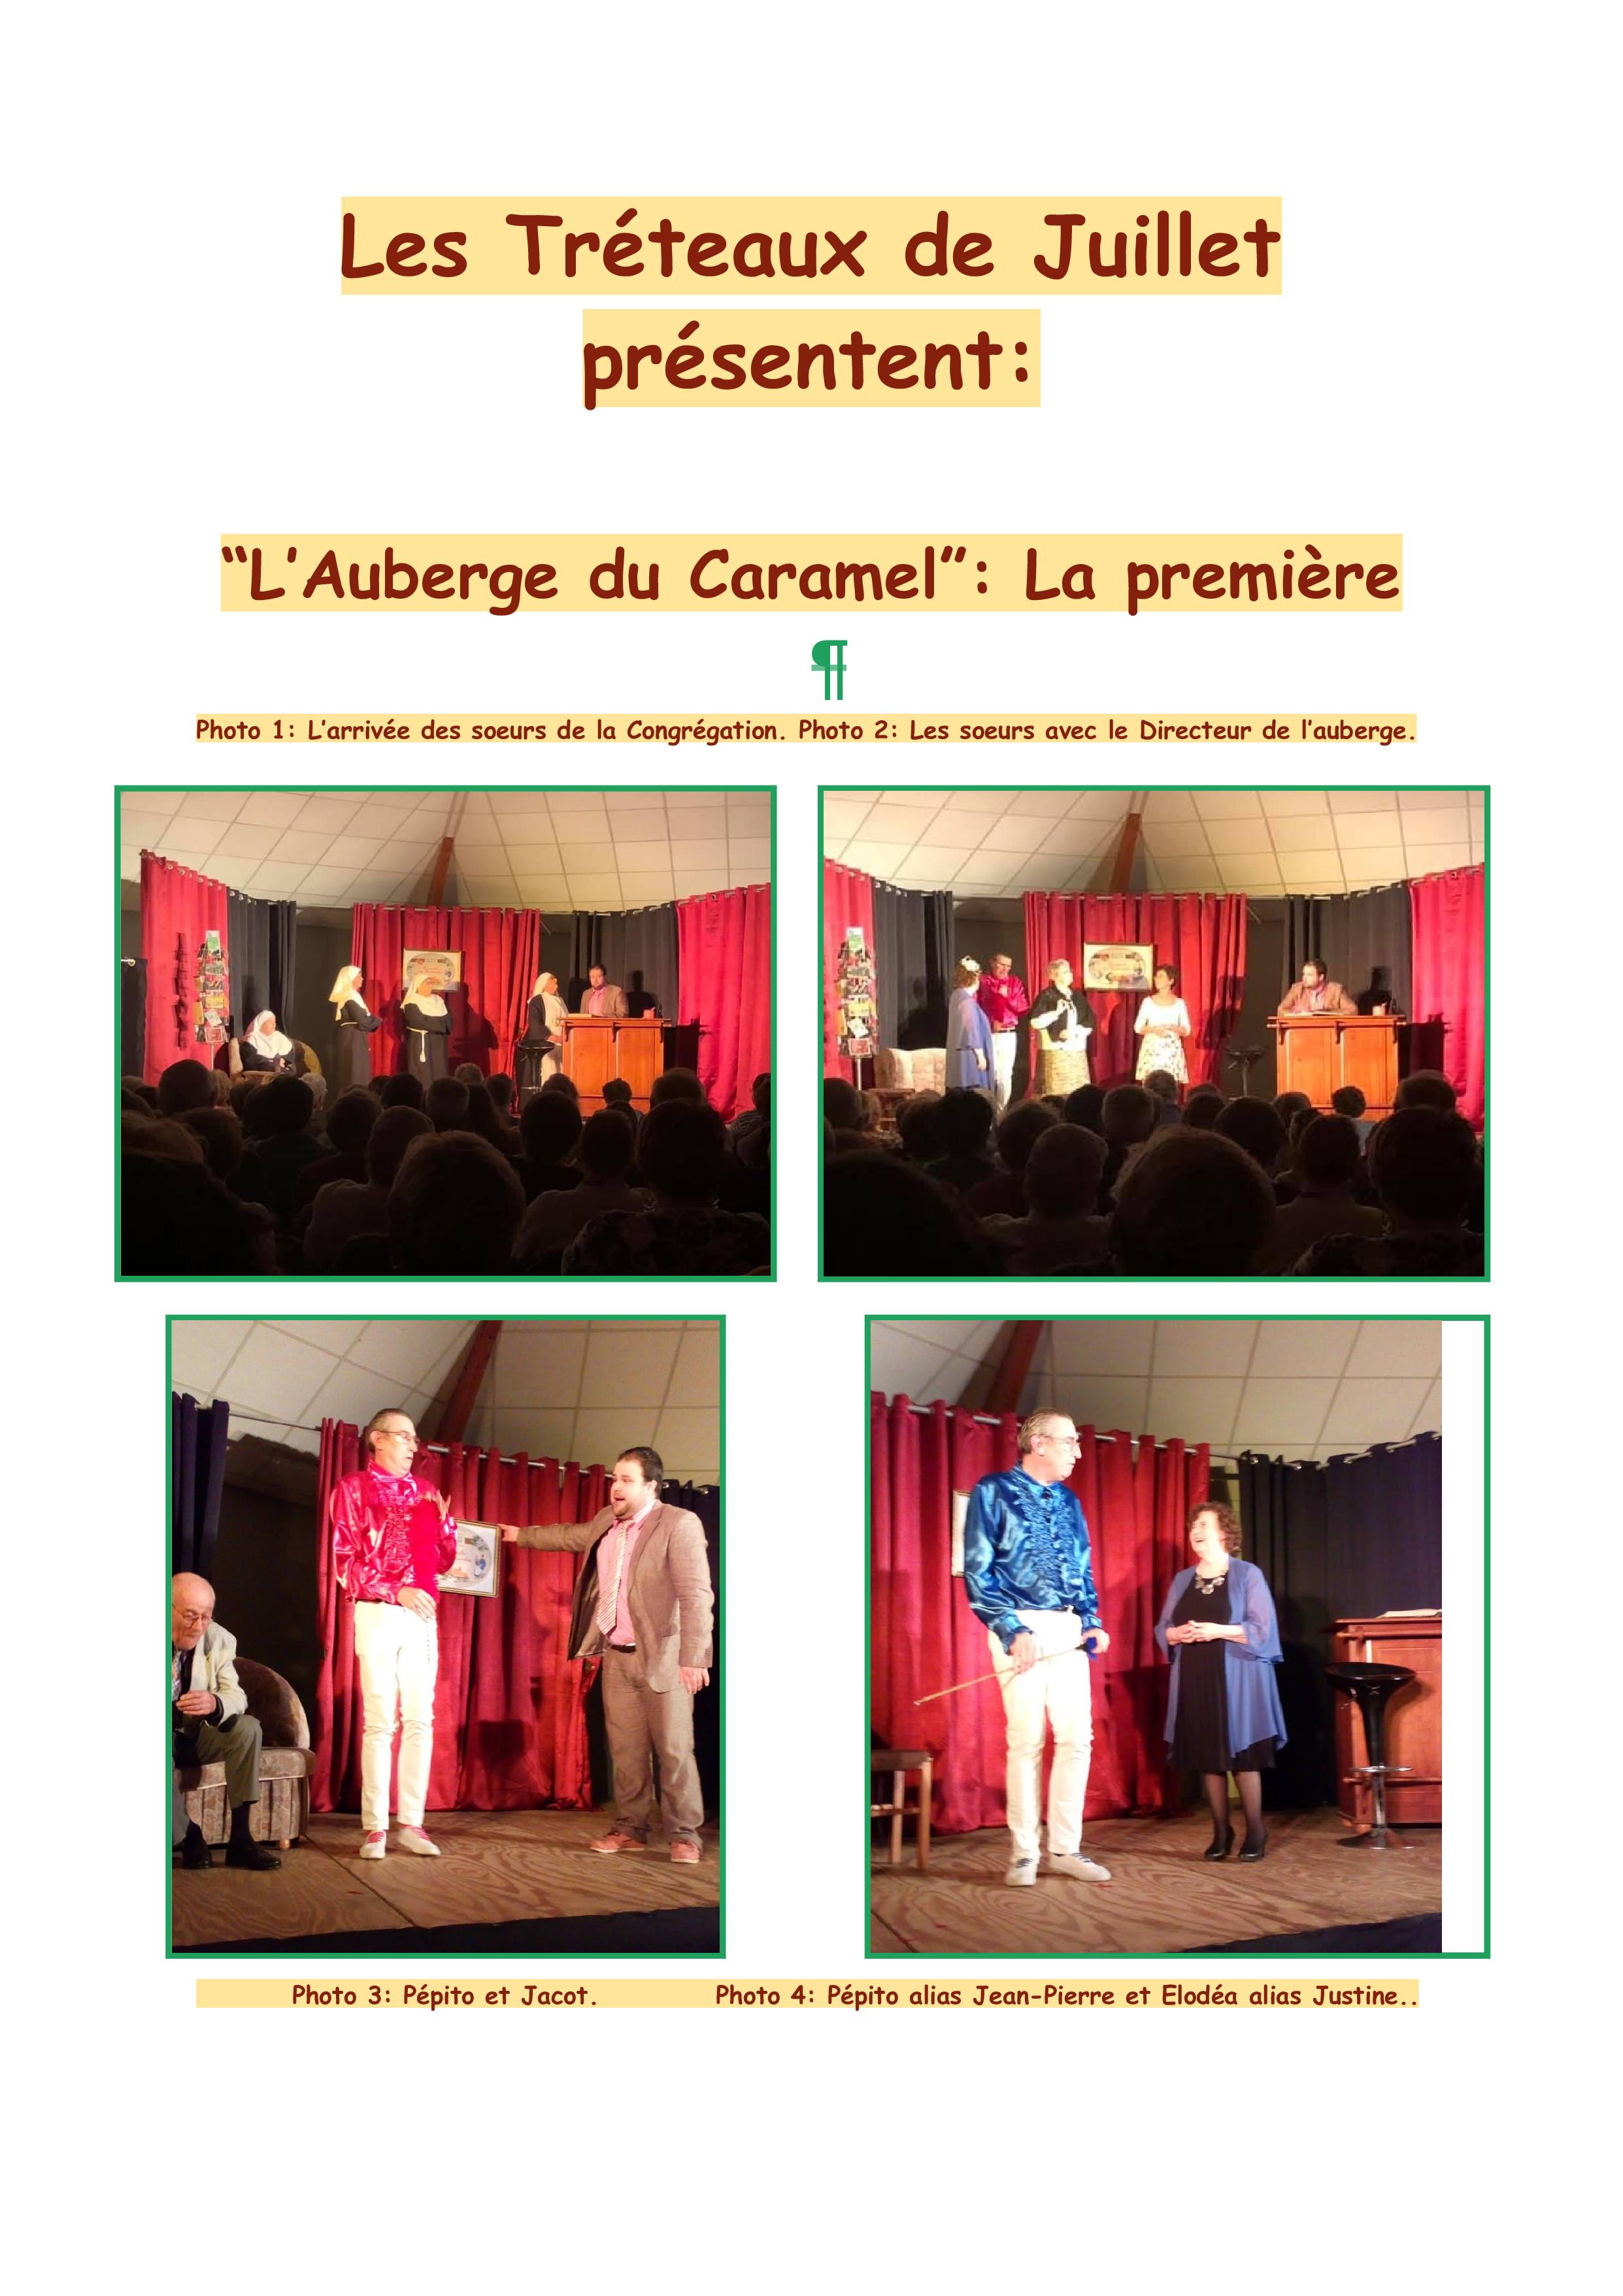 Les Tréteaux de Juillet présentent_ La première de l'Au berge du Caramel_001